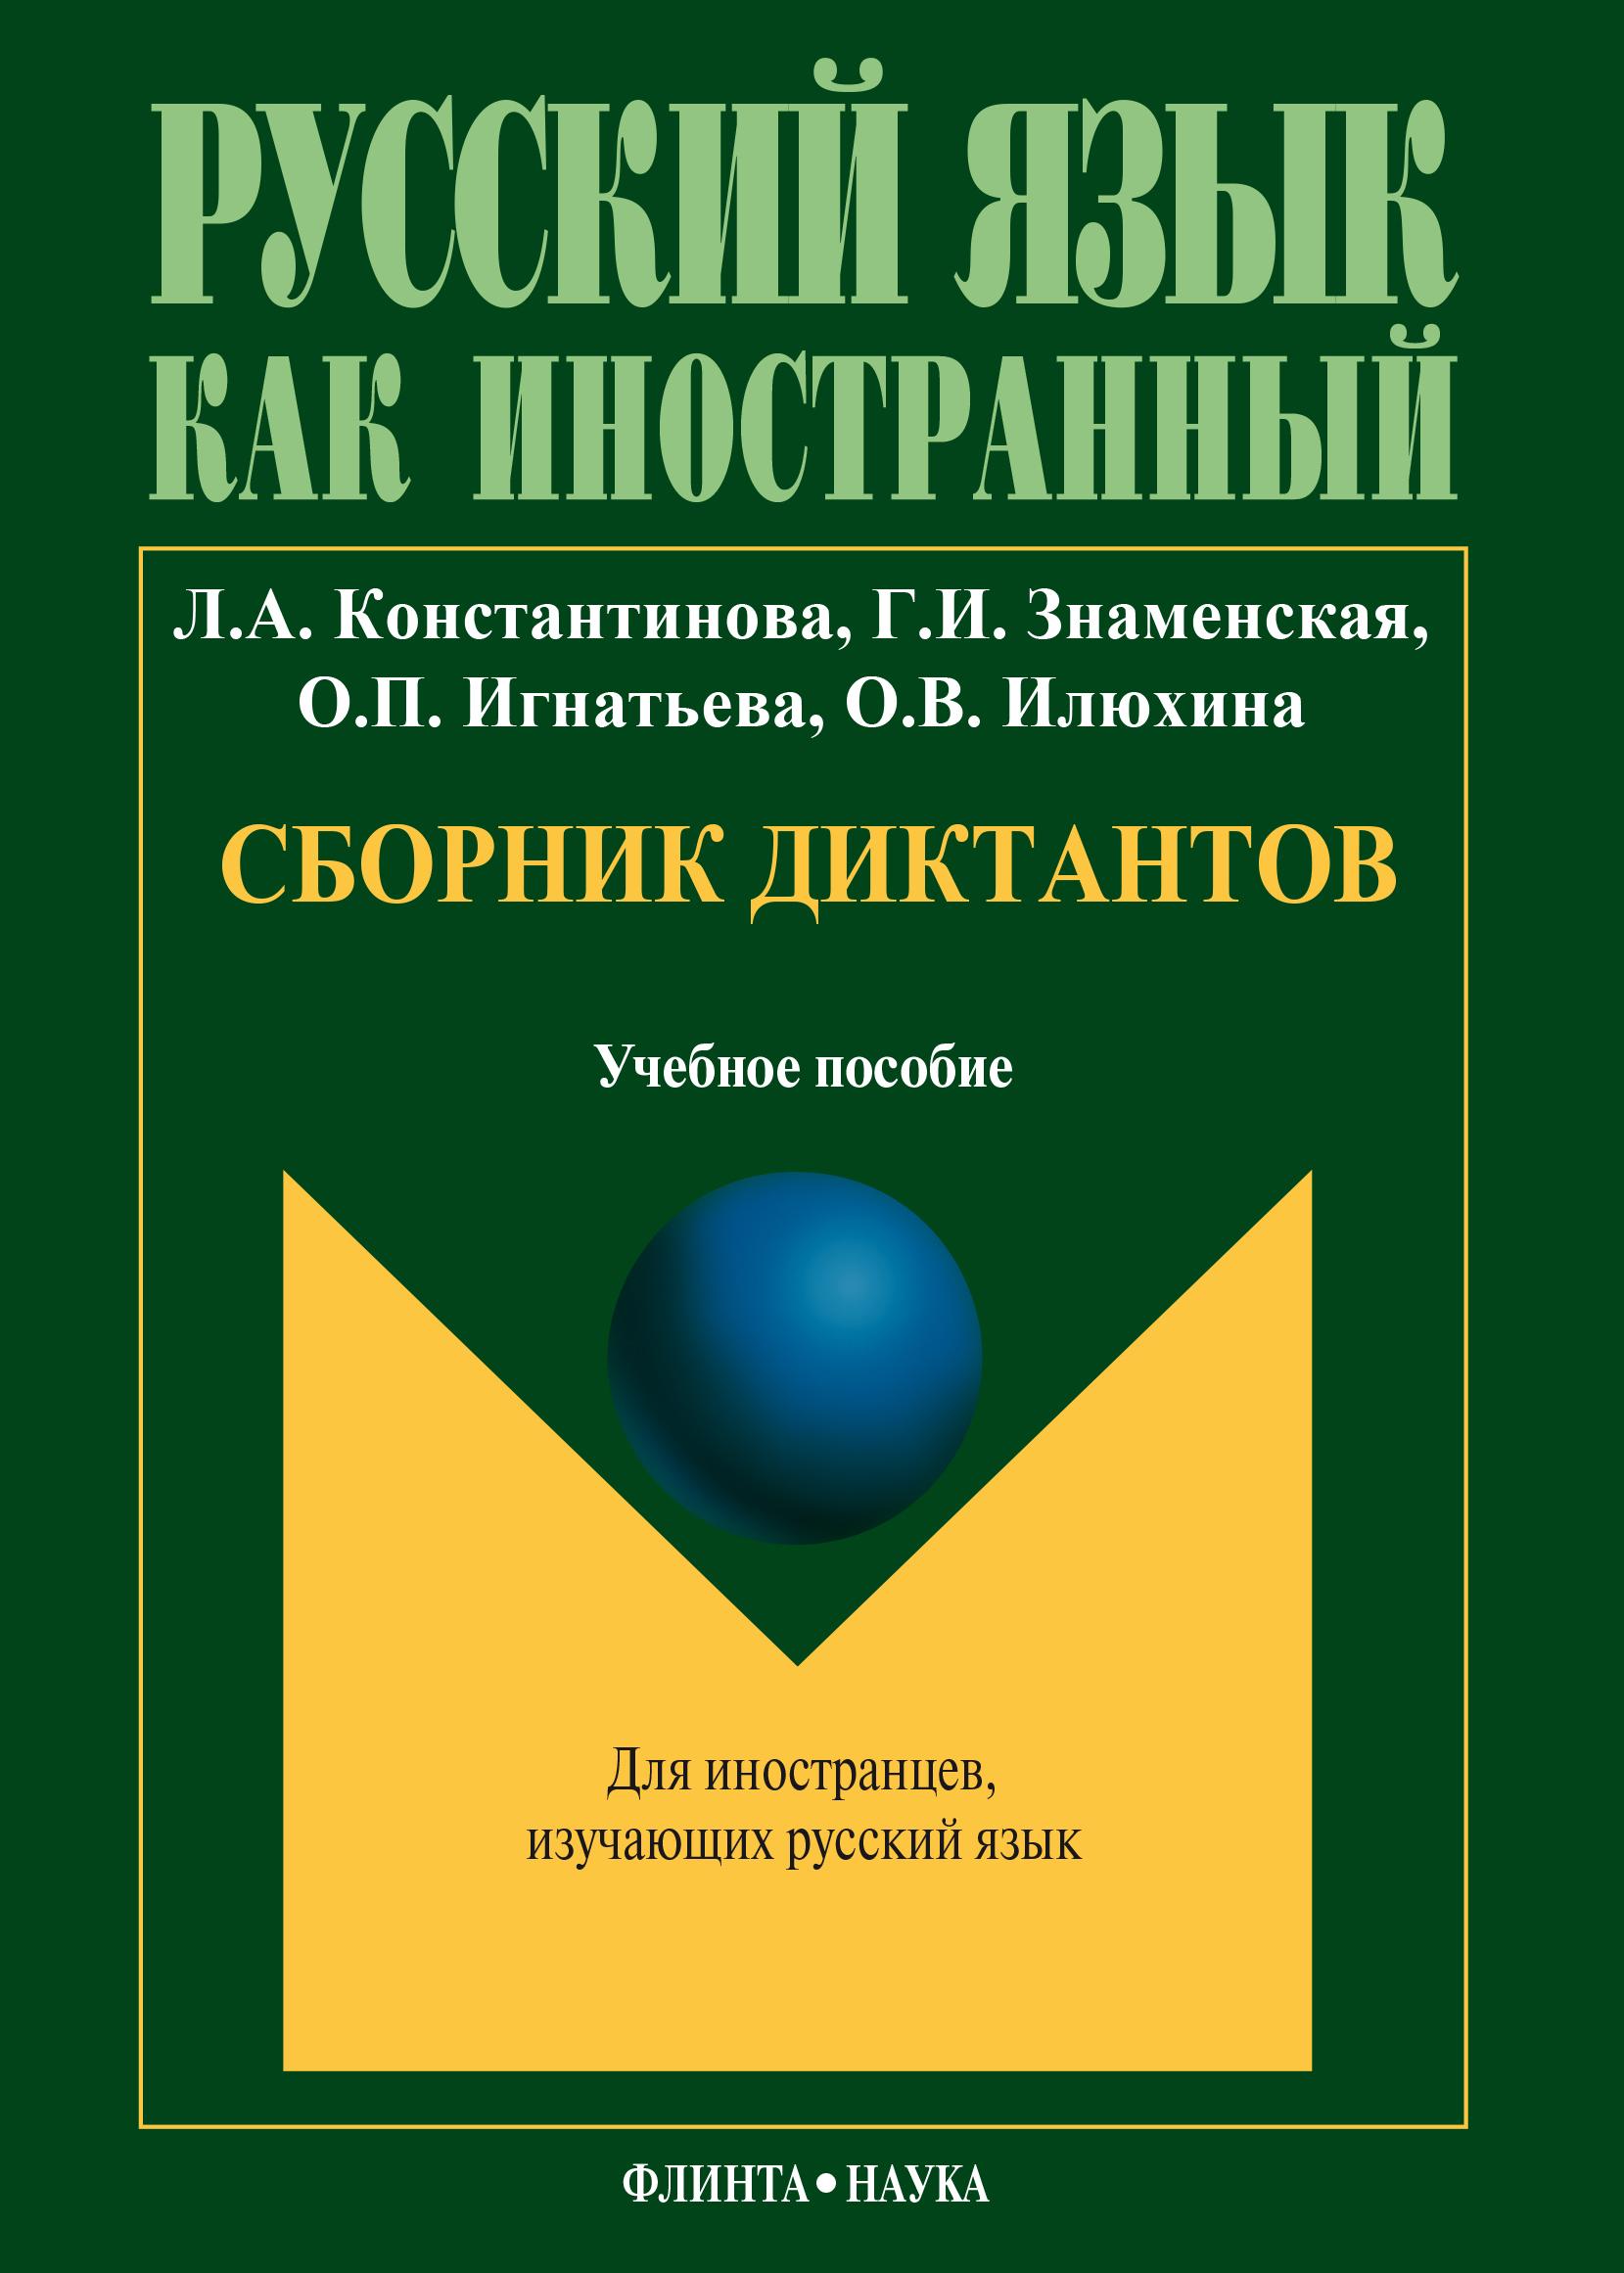 Сборник диктантов: учебное пособие по русскому языку как иностранному